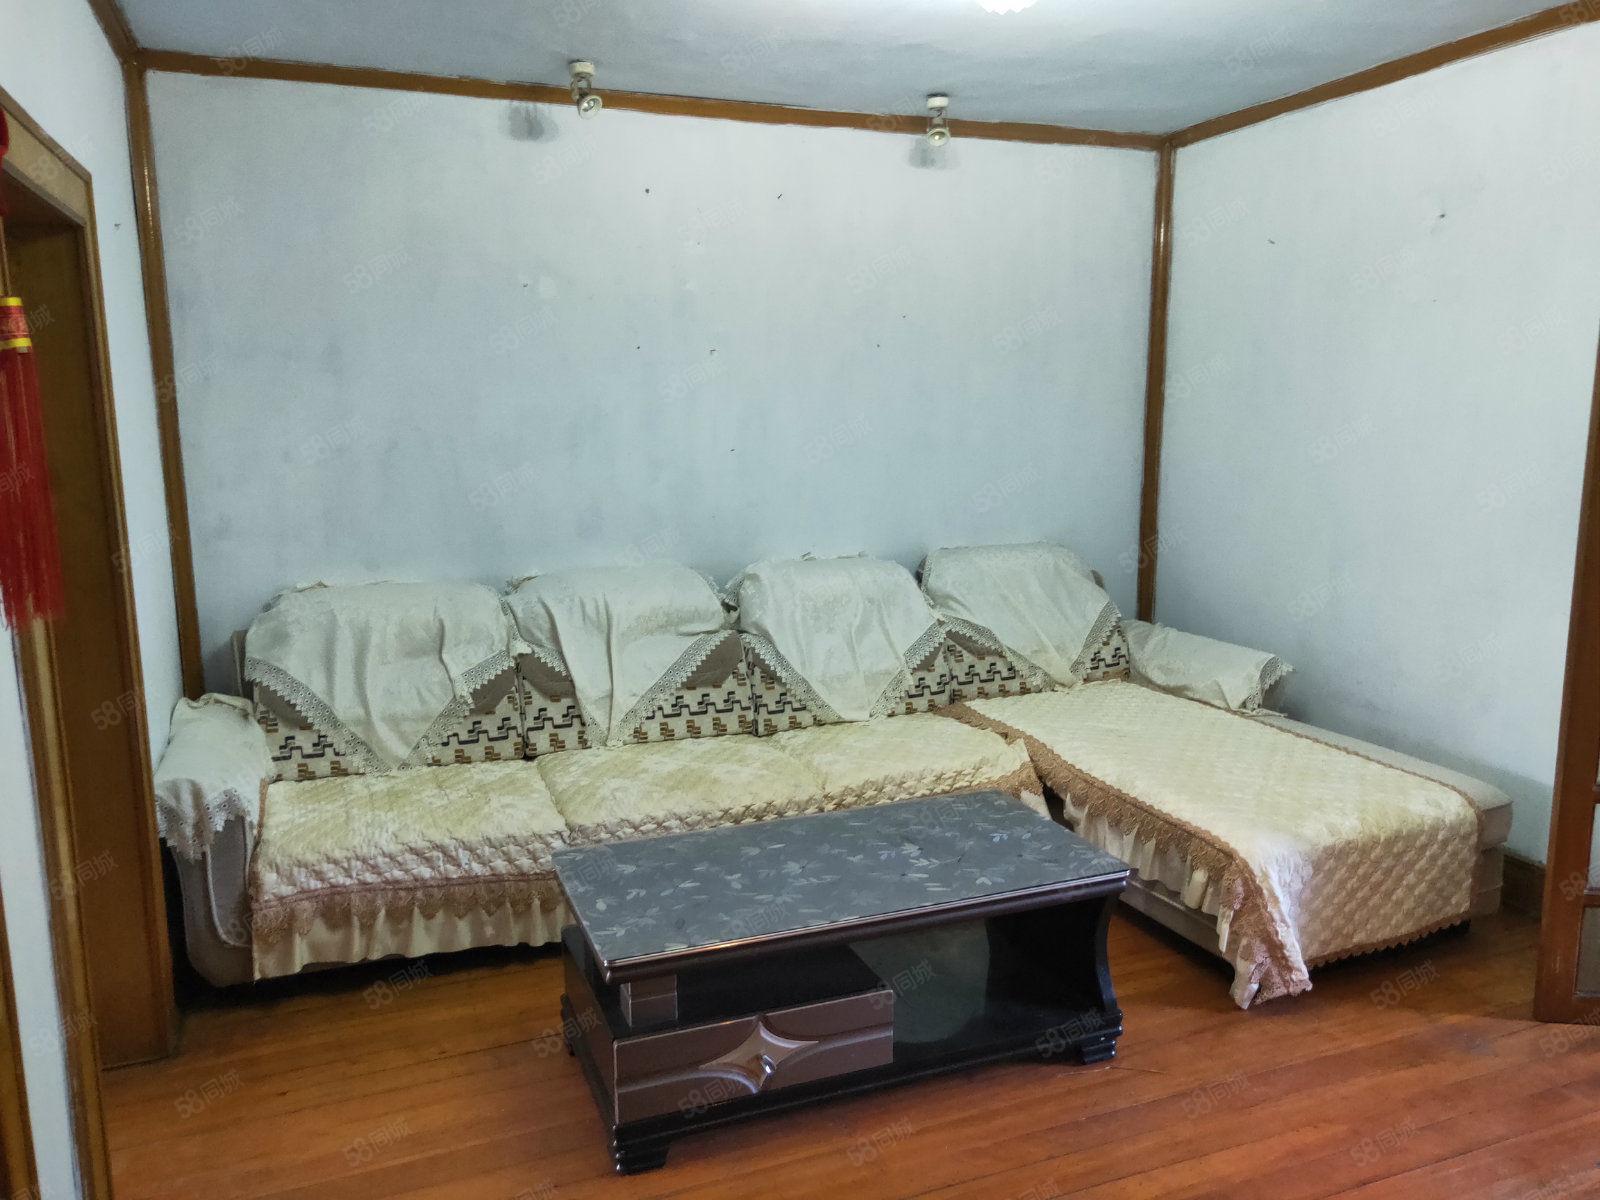 新馬路社區簡裝正兩室出售,家具家電齊全,拎包入住